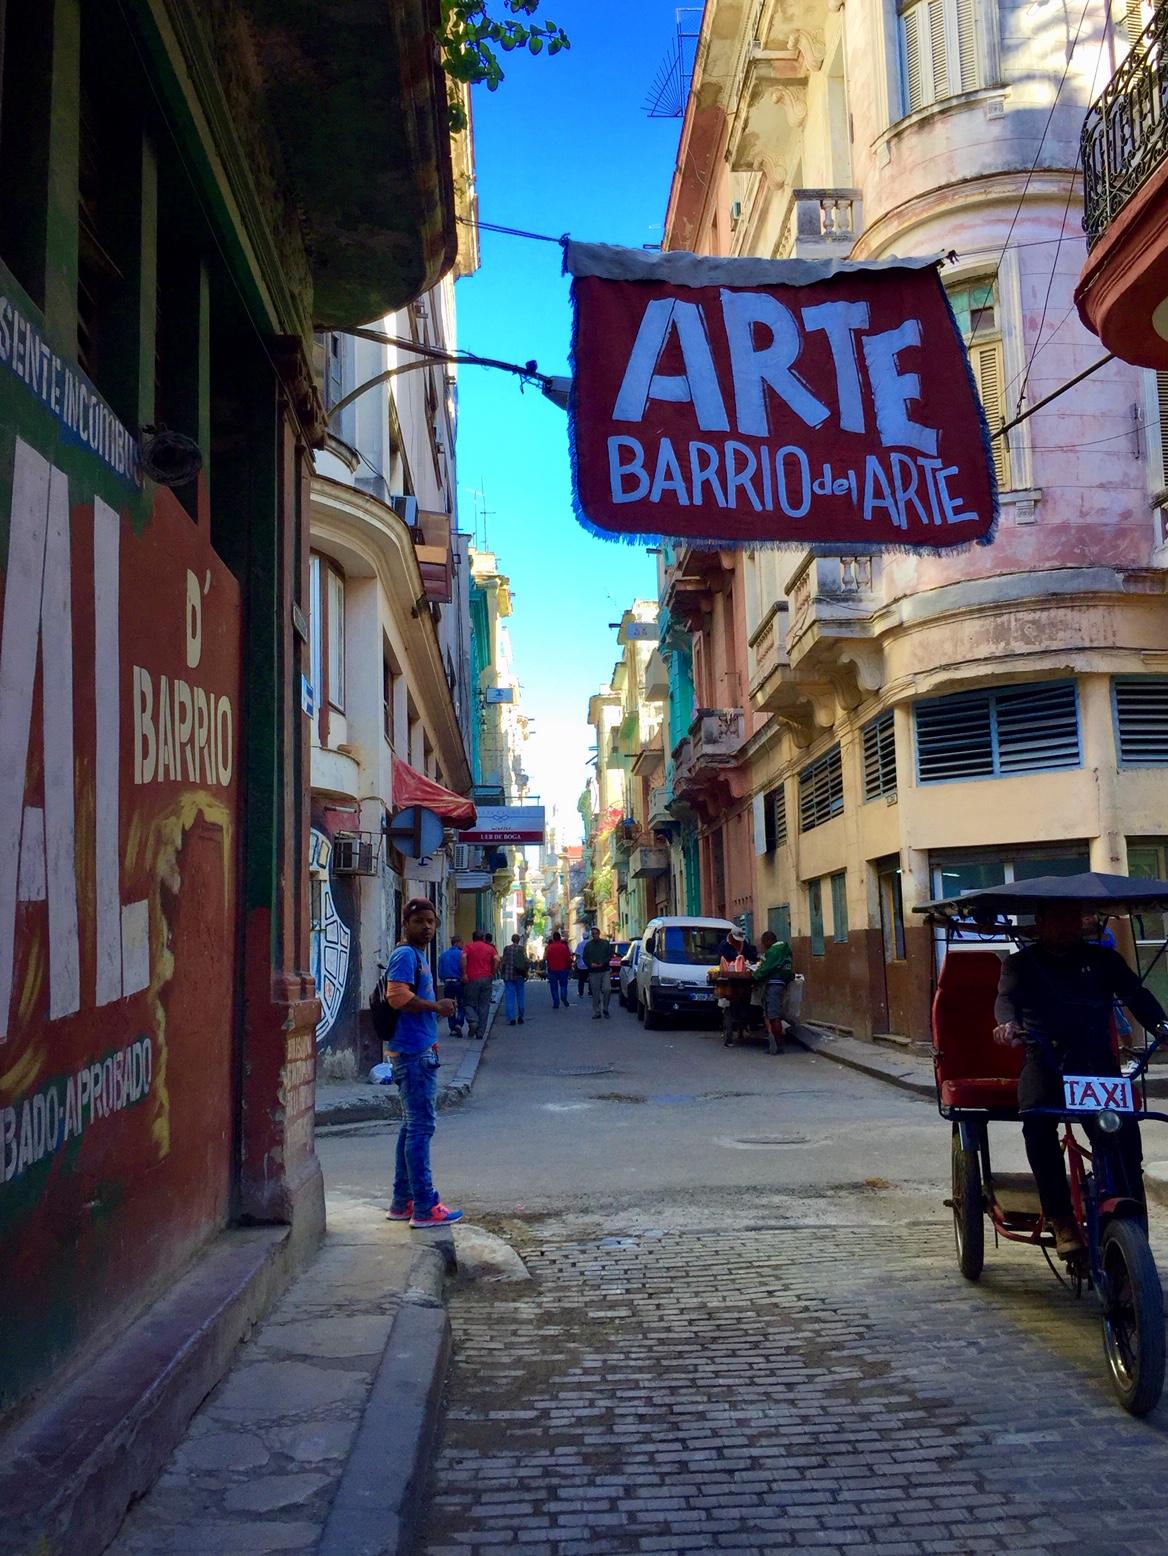 Vie quotidienne dans le Habana Vieja